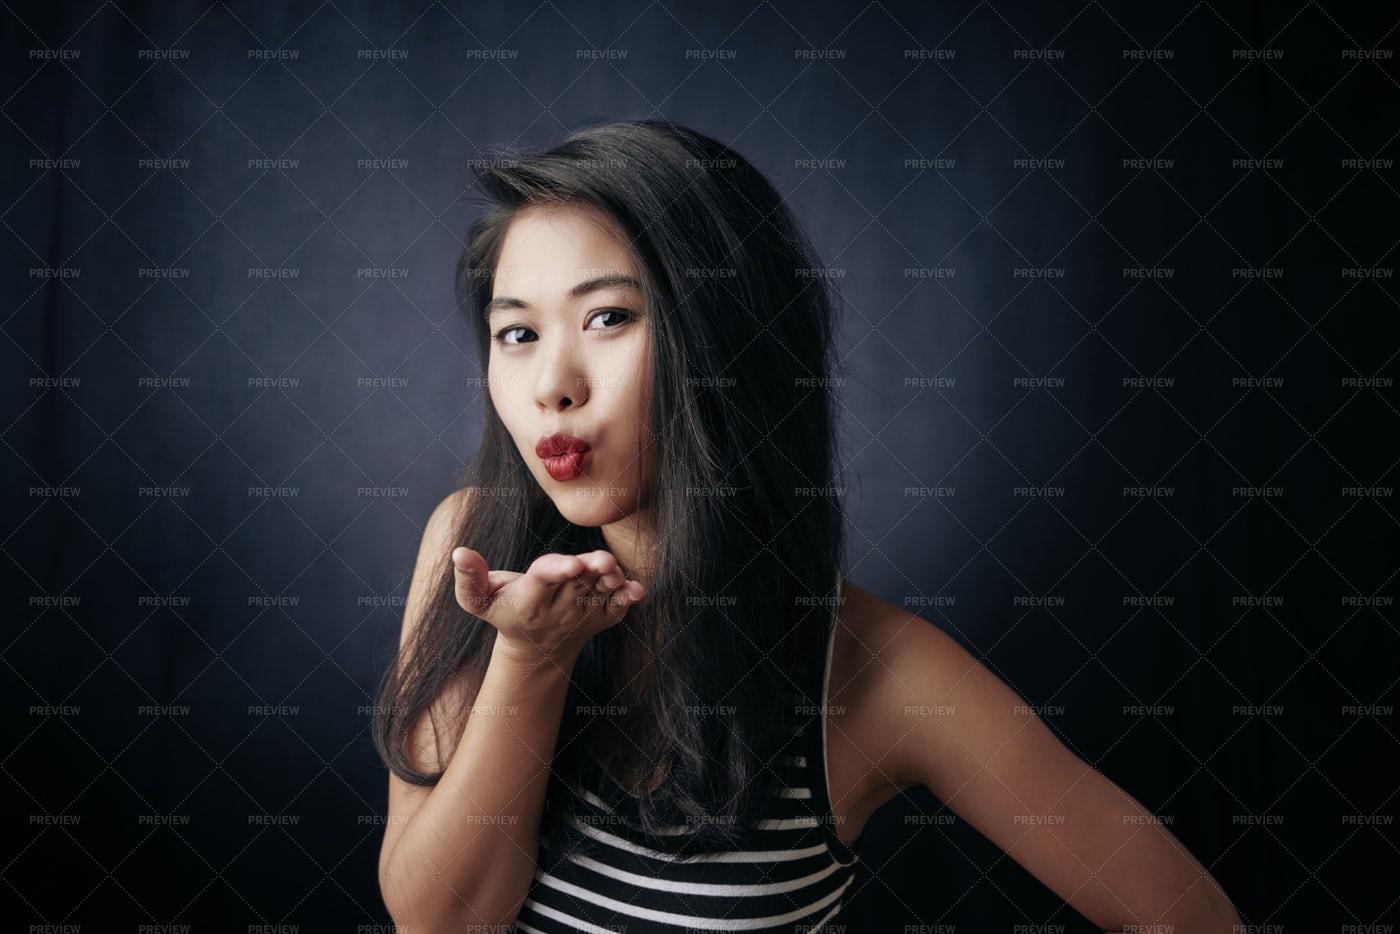 Woman Flirting At Camera: Stock Photos